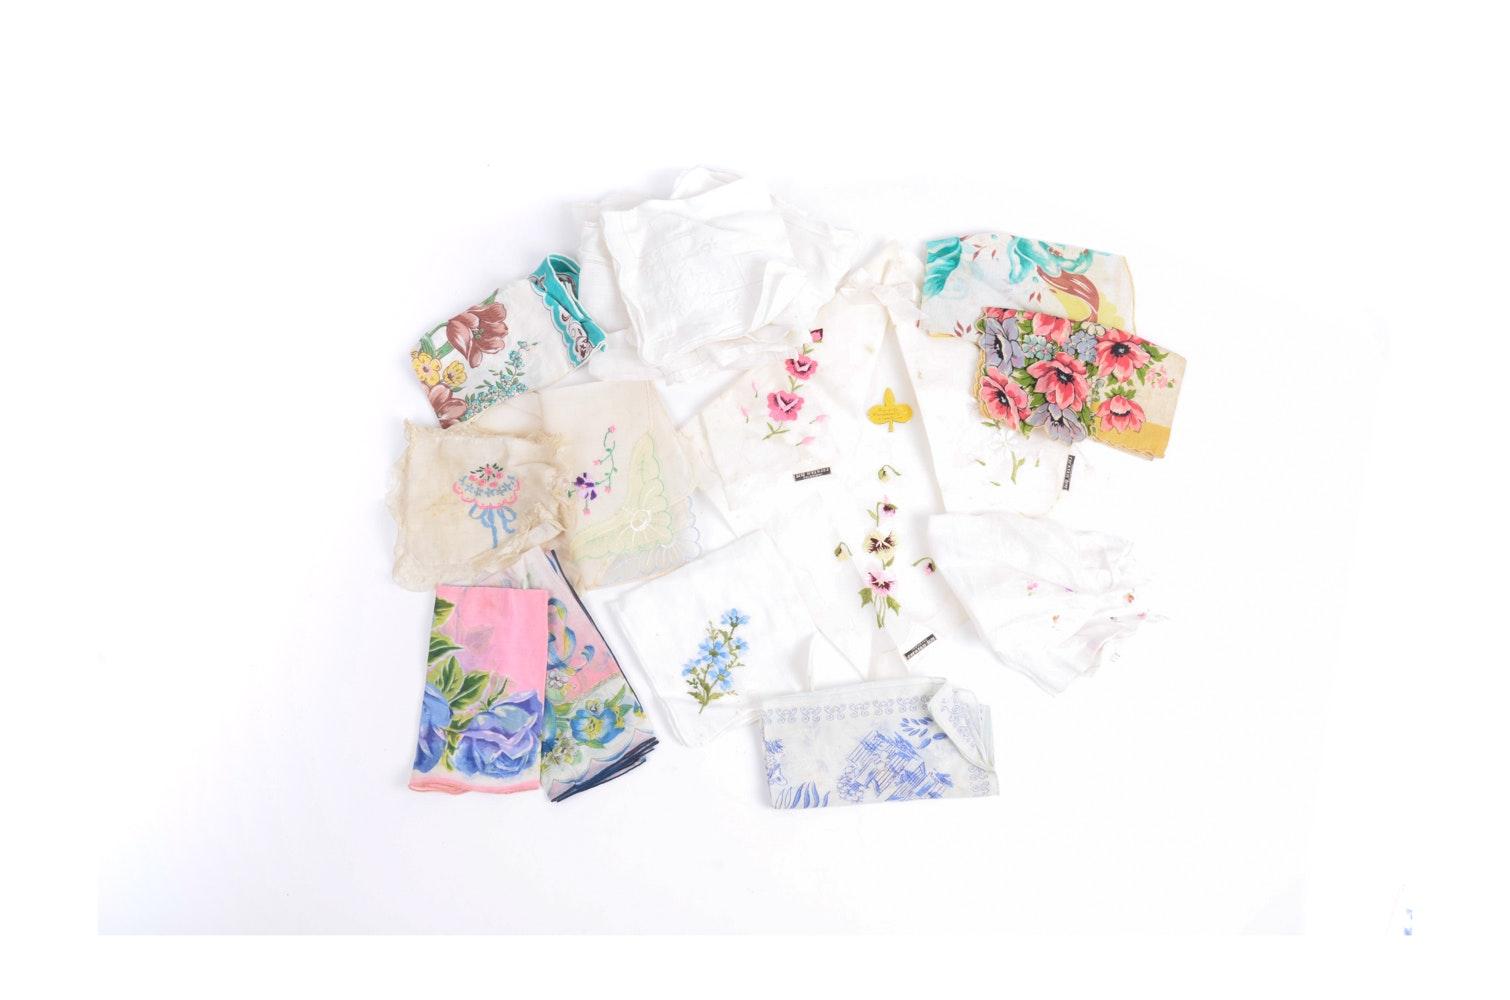 Vintage Floral Handkerchief Collection